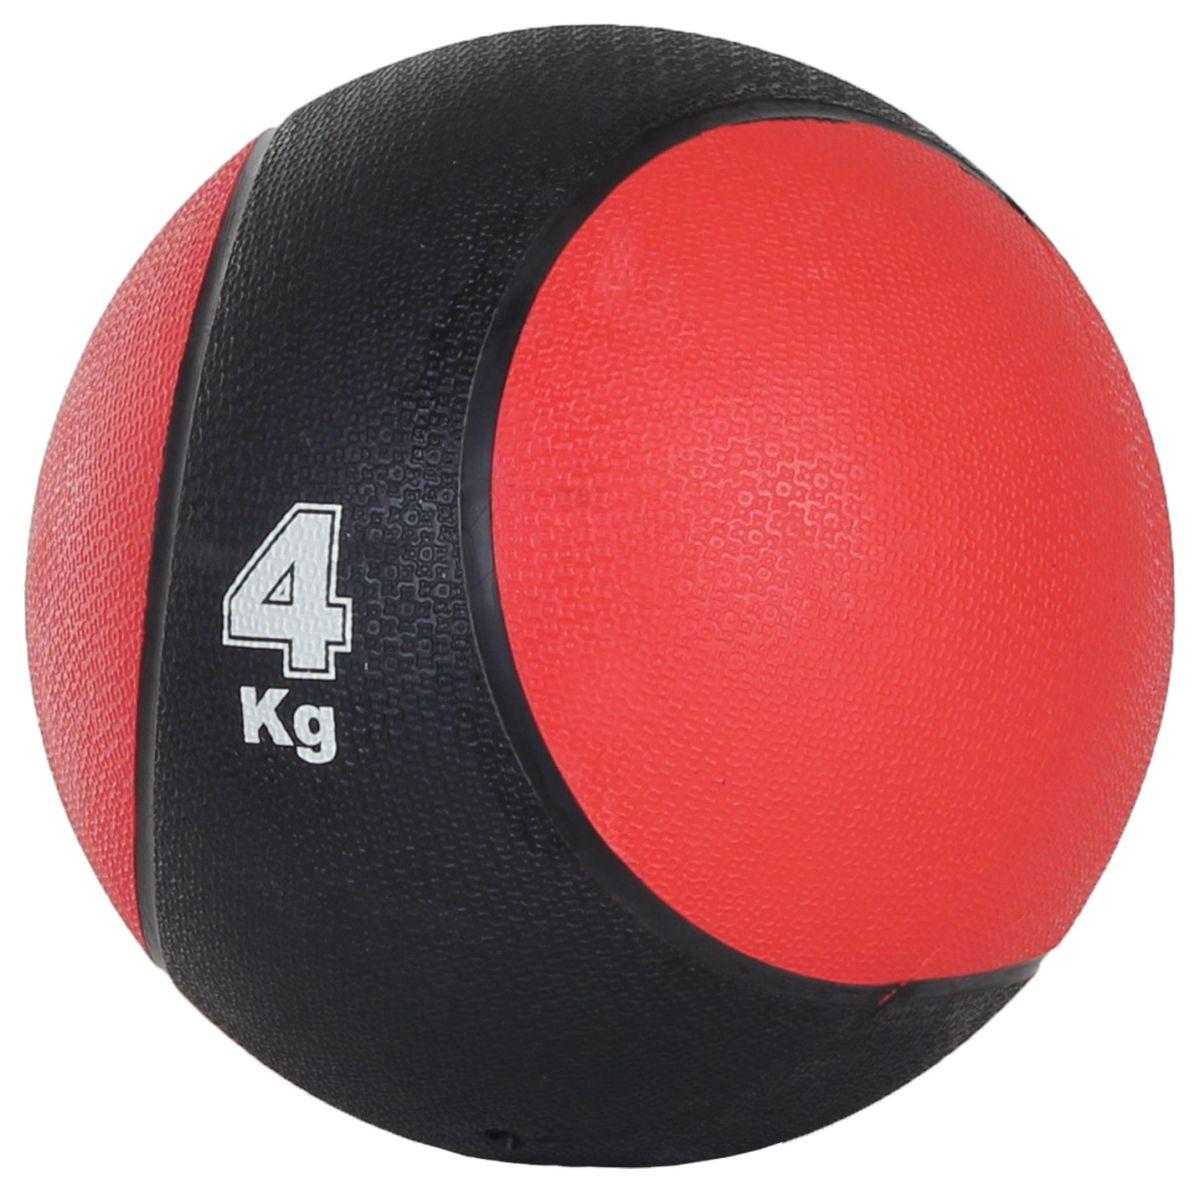 Медицинбол Start Up MBR4, цвет: черный, красный, 4 кг, 22 см290261Медицинбол Start Up MBR4 - тренировочный мяч, который прекрасно подходит для занятий фитнесом, аэробикой или ЛФК (лечебной физкультурой). Шероховатая поверхность не дает ему выскользнуть из рук. Предназначен для укрепления мышц плечевого пояса, спины, рук и ног. Мяч выполнен из резины, наполнен также резиной.